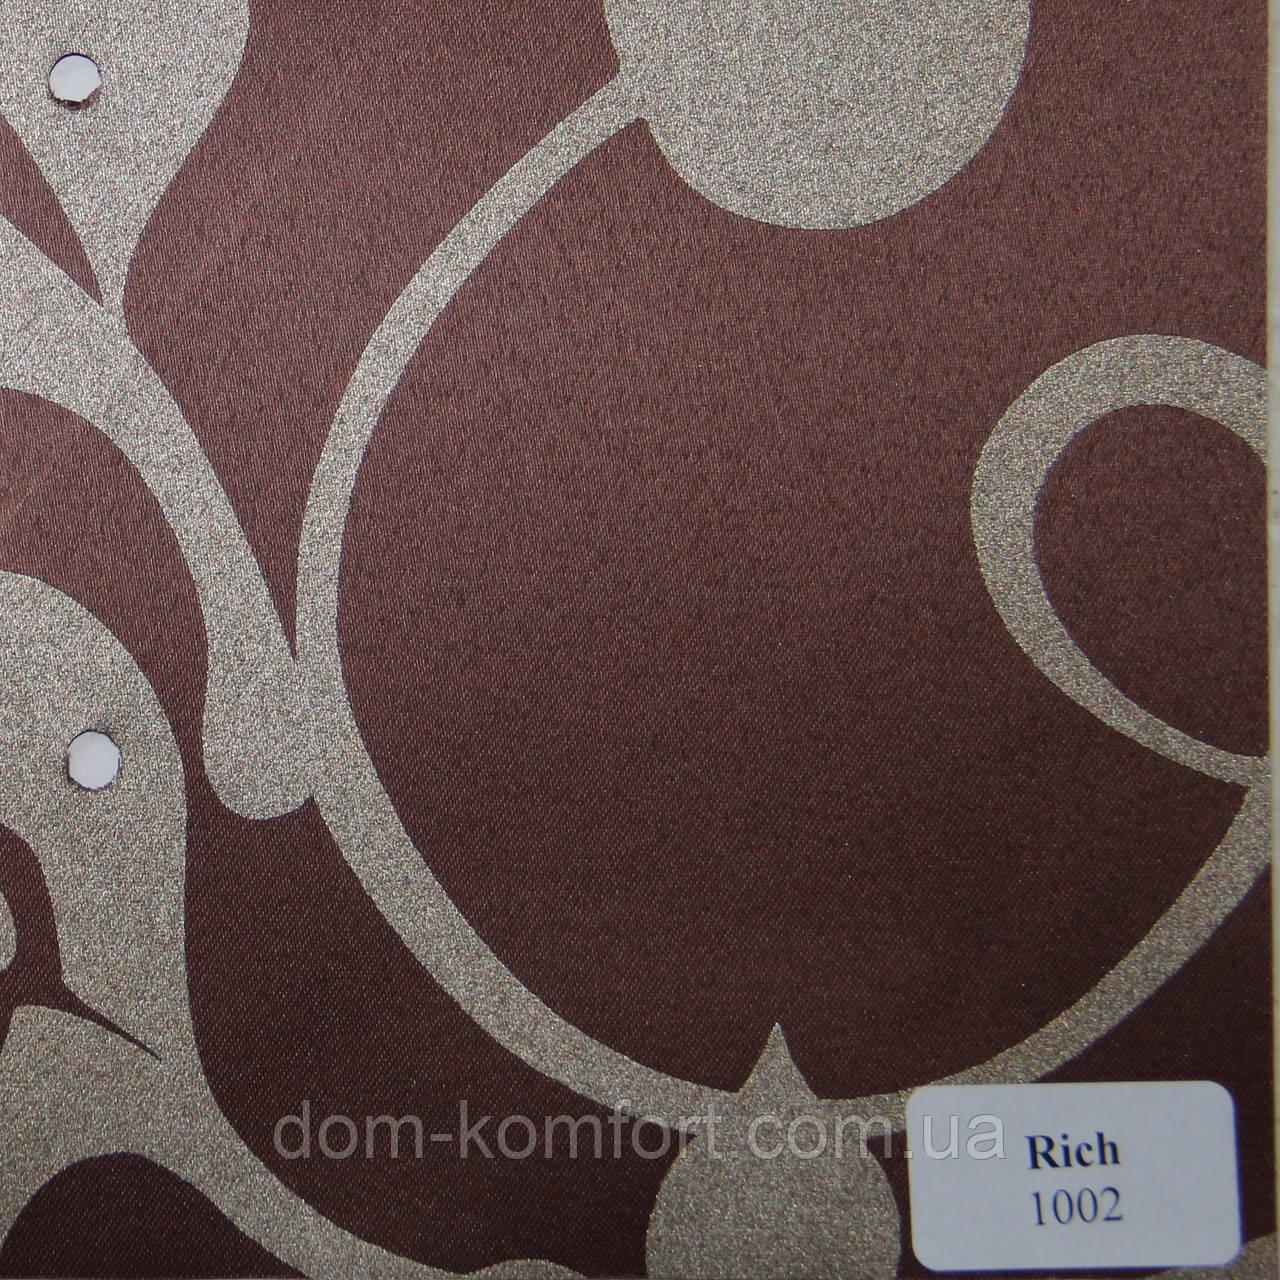 Рулонные шторы Ткань Rich 1002